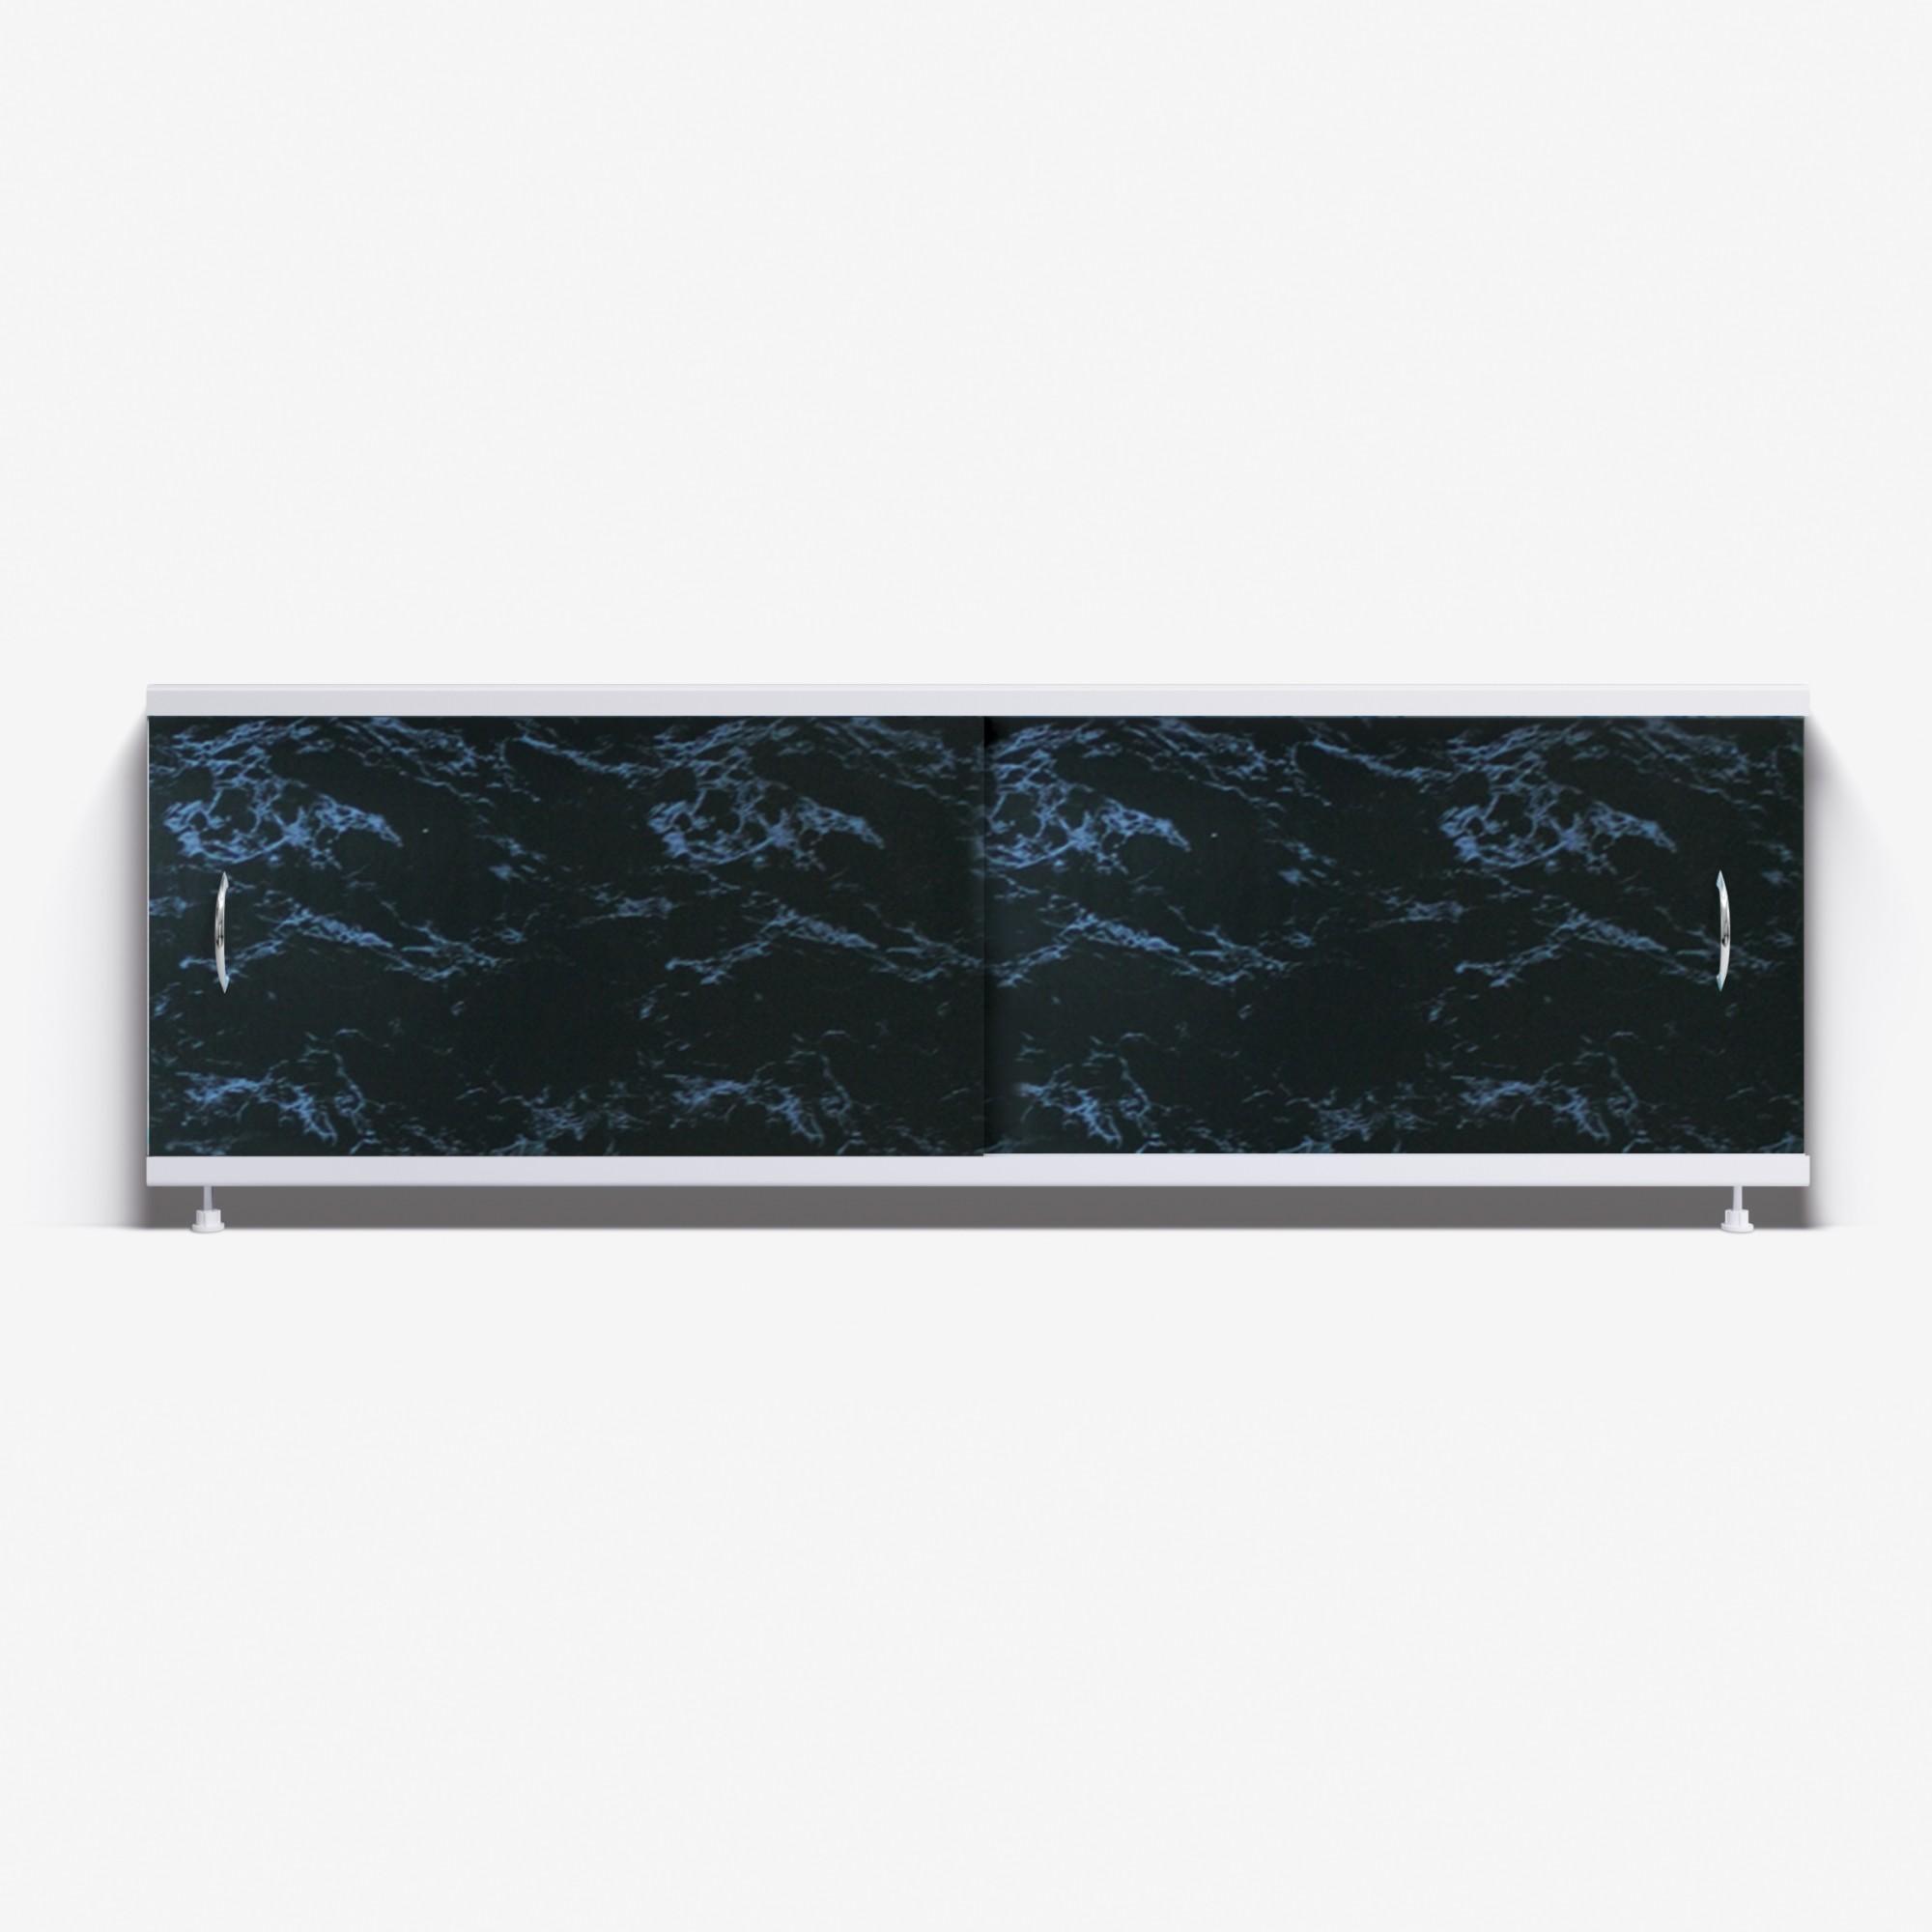 Экран под ванну Классик 170 чёрный мрамор